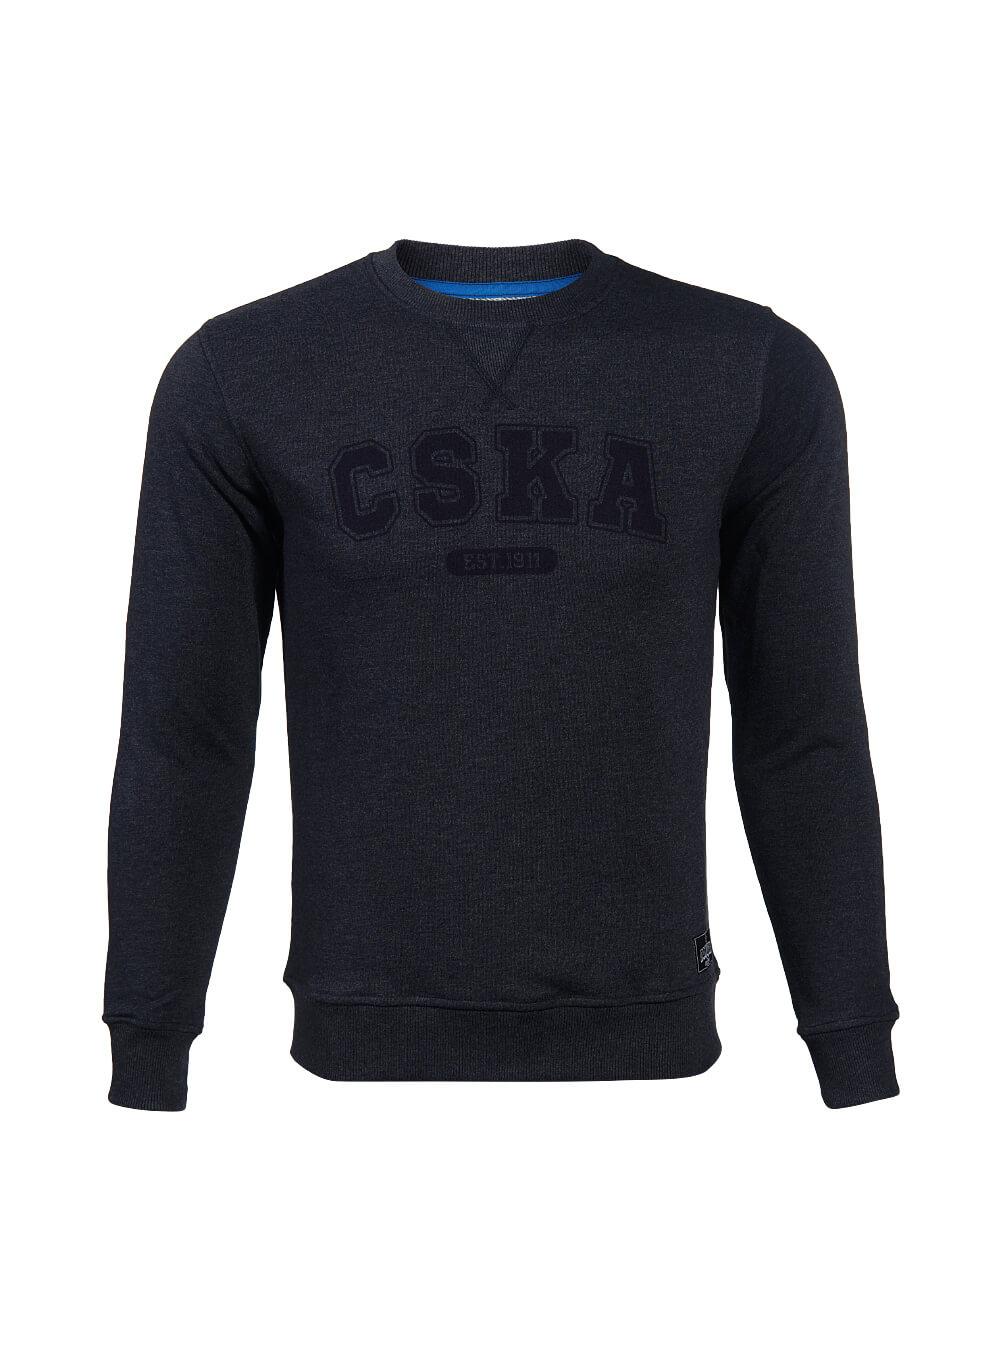 Свитшот CSKA. Est 1911, цвет синий. (M)Толстовки мужские<br>Свитшот CSKA. Est 1911, цвет синий.<br>